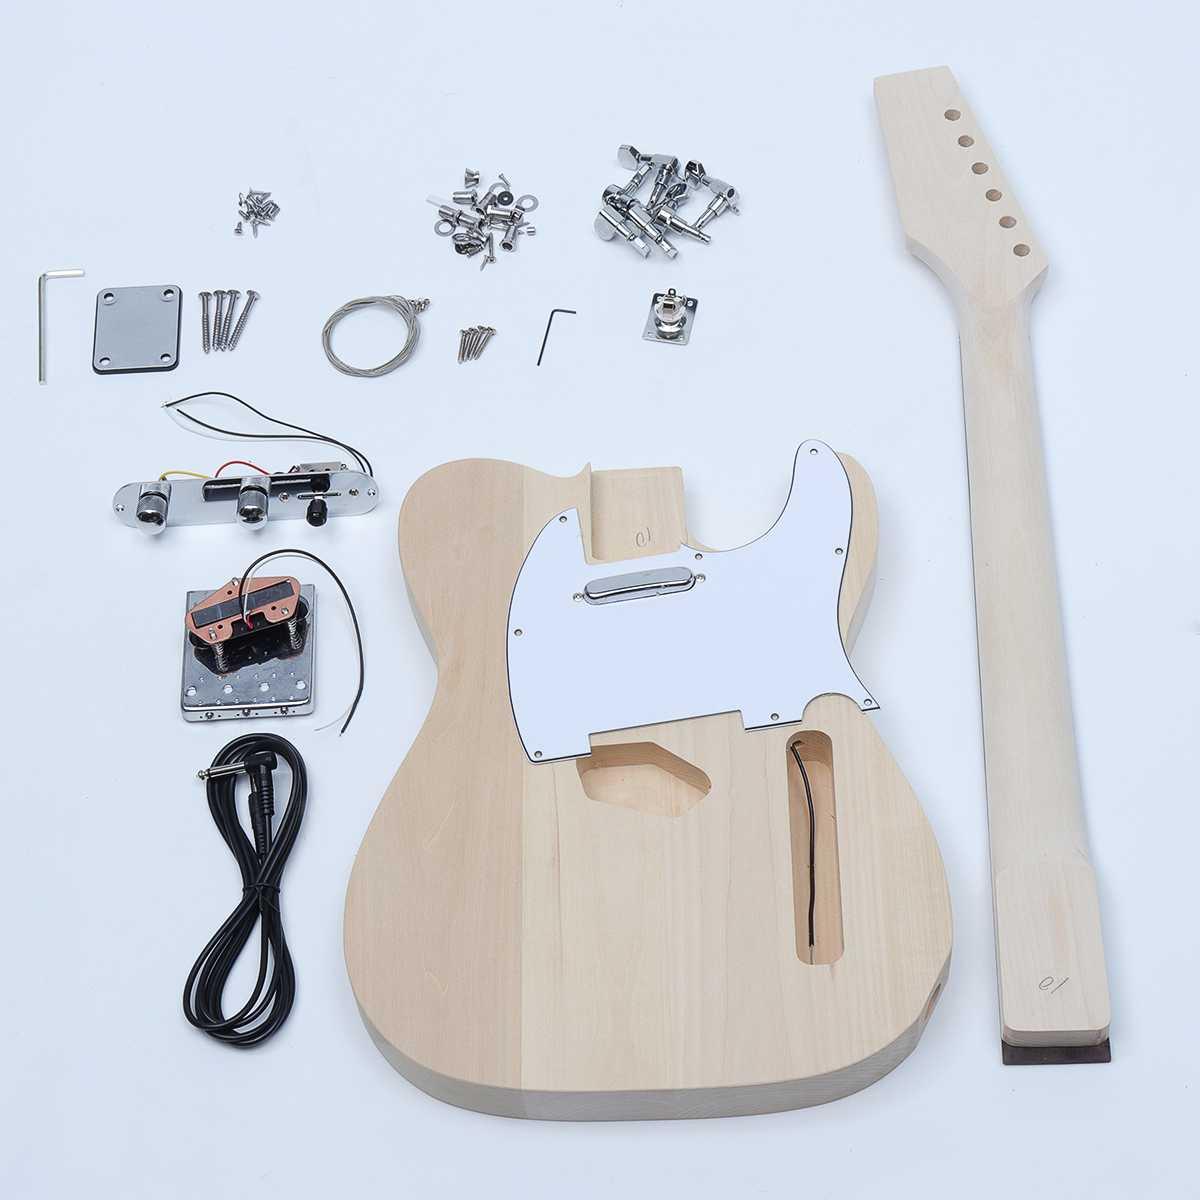 Bricolage Électrique Guitare Accessoires Remplacement Kit Hêtre Bois manche en Érable Corps 6 instrument à cordes Guitare Pièces Accessoires